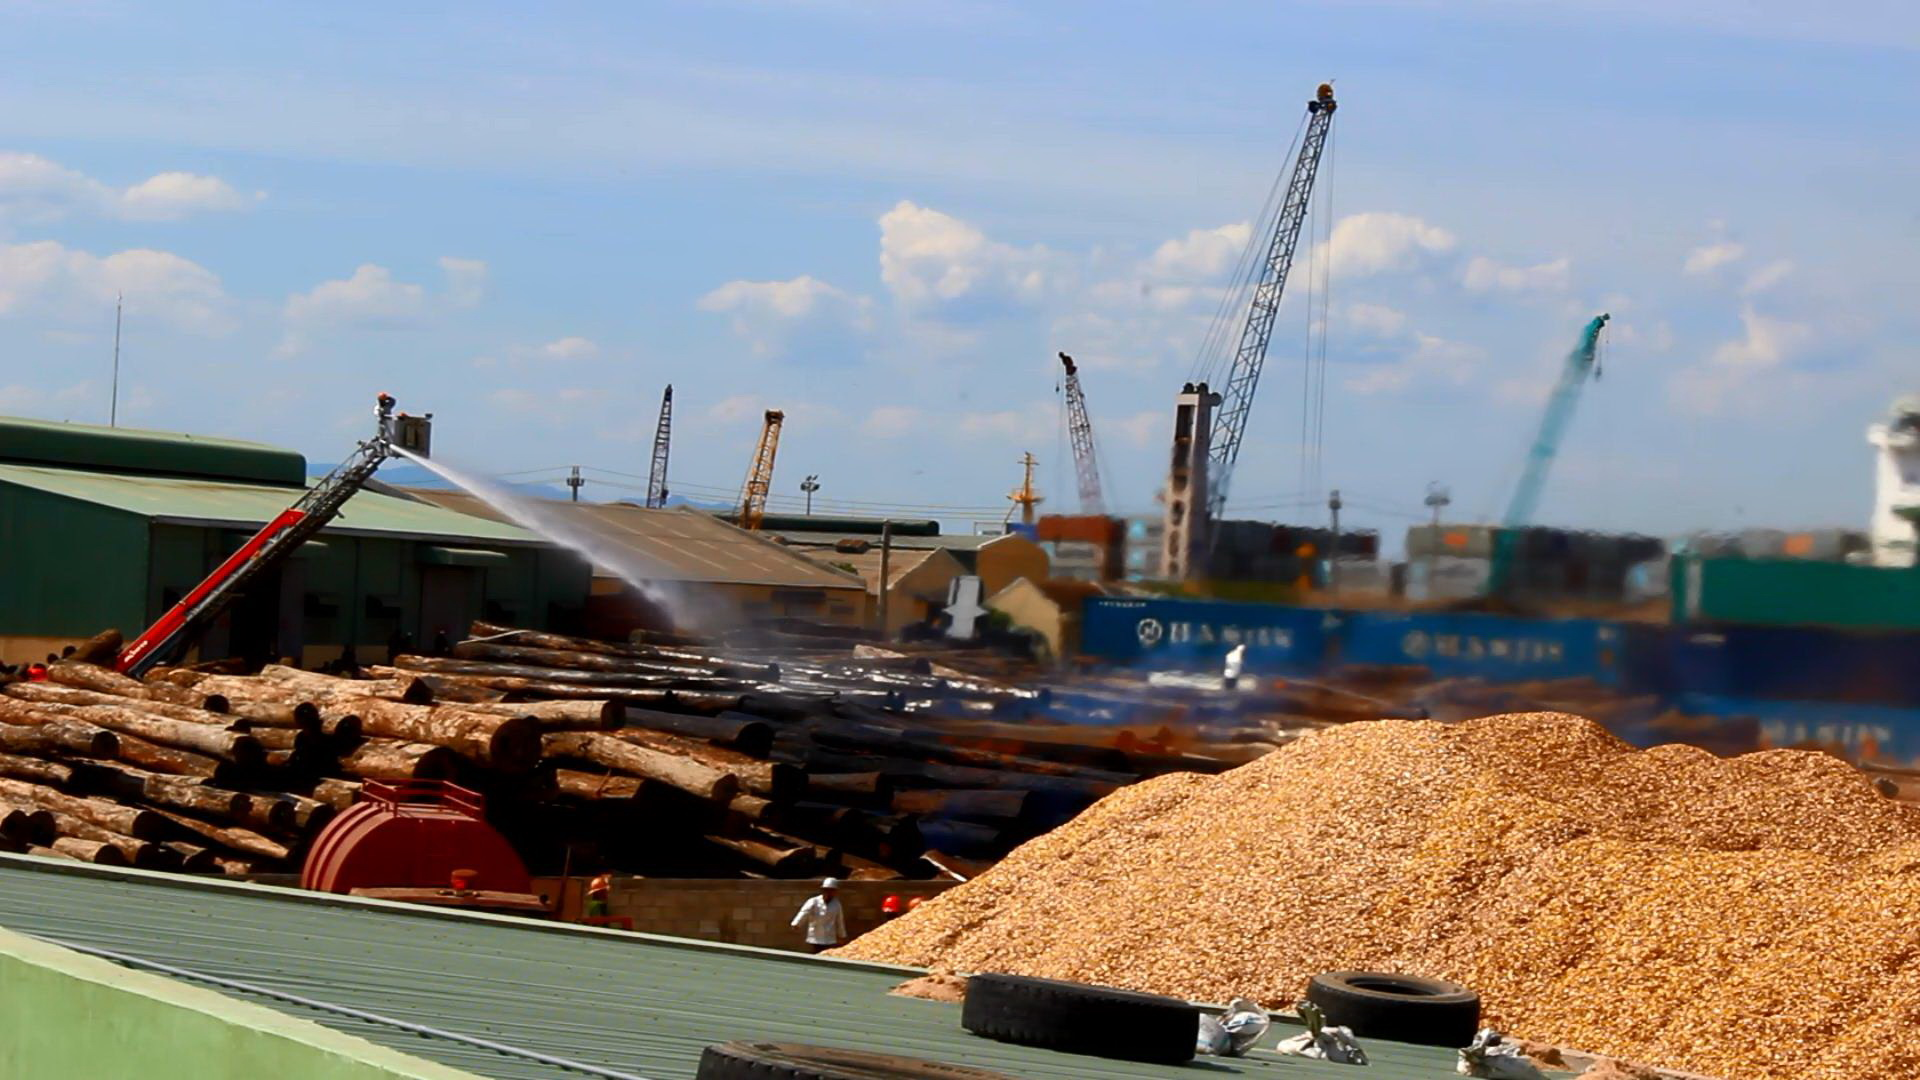 Hơn 4 giờ chữa cháy, cảng Quy Nhơn ngưng hoạt động